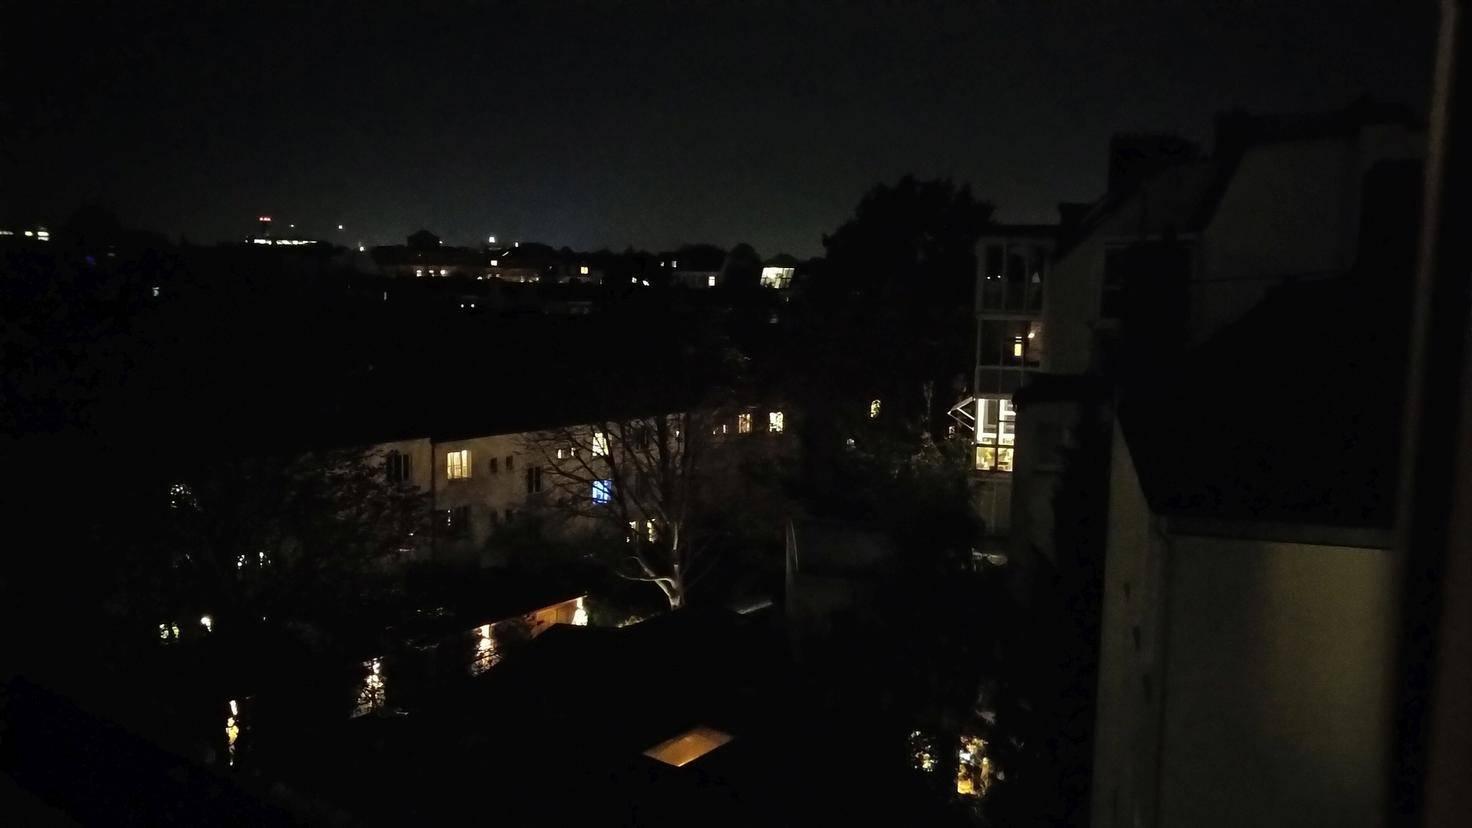 Nachts löst die Kamera nur im Pro-Modus überhaupt aus.